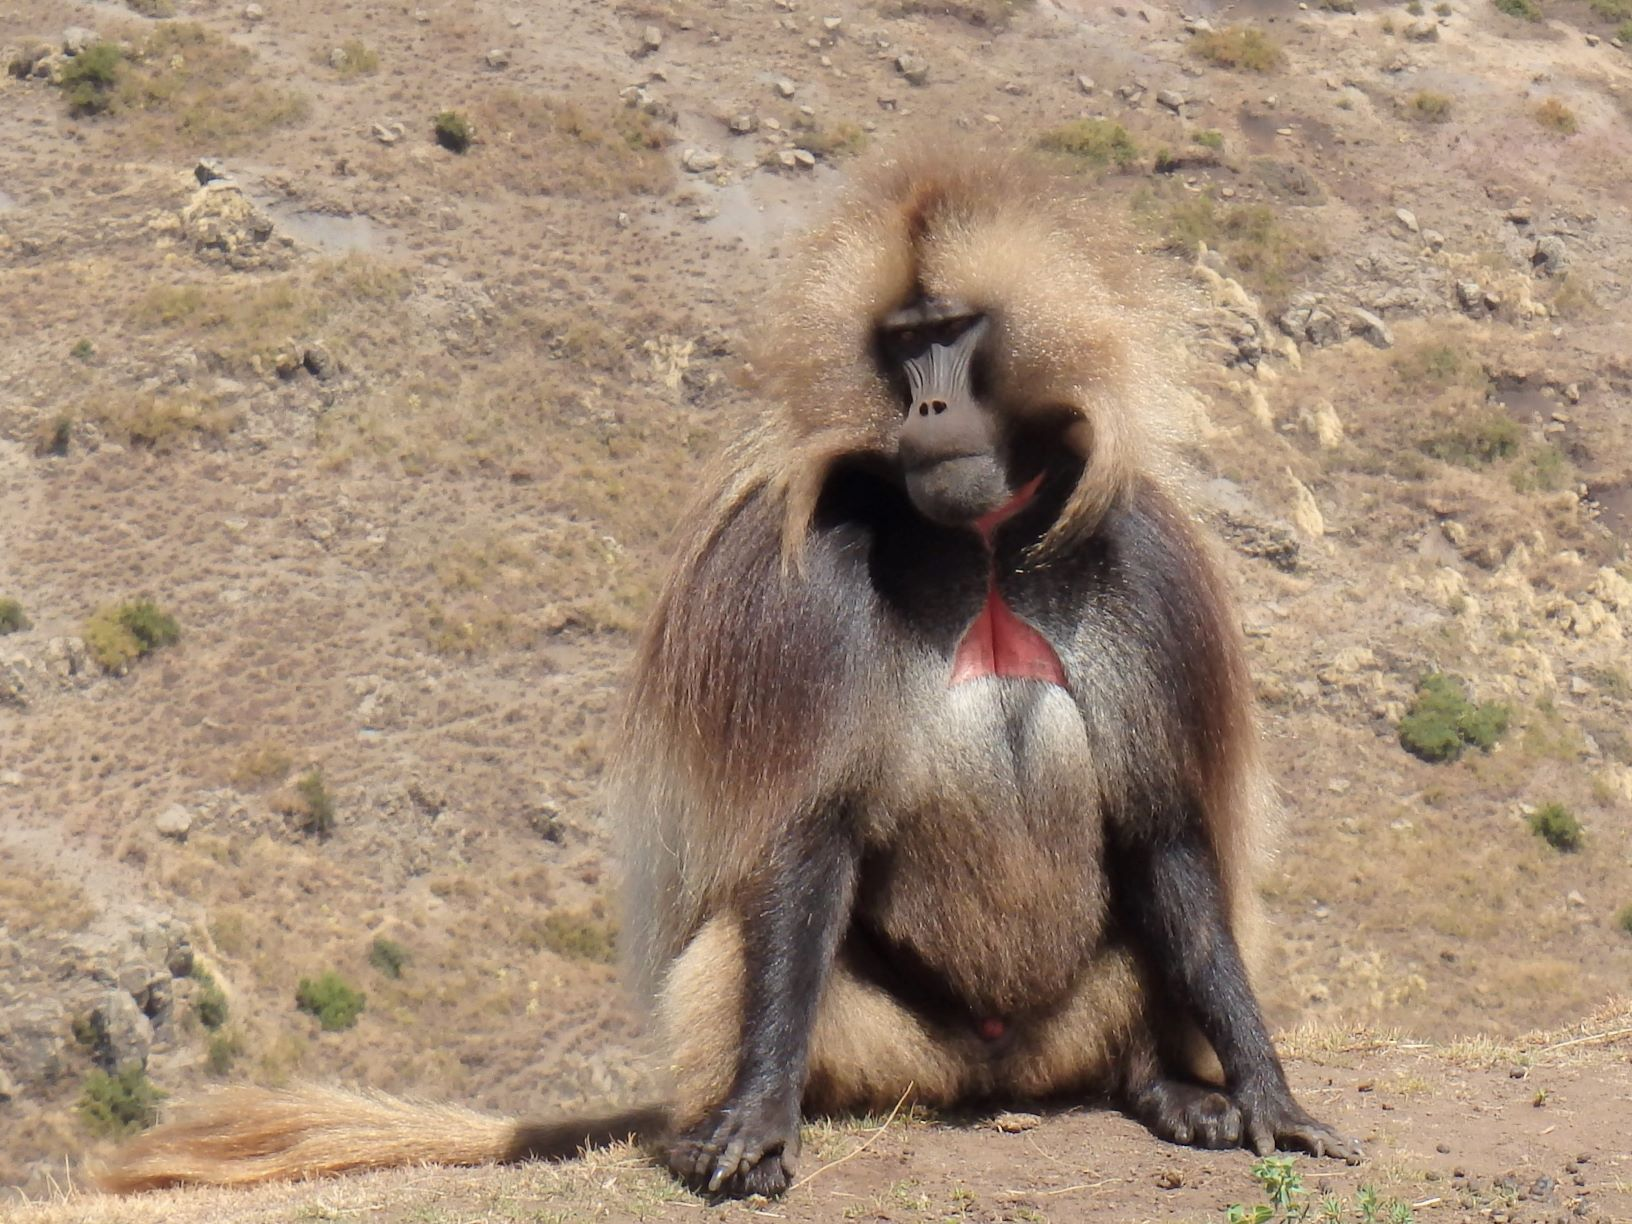 胸の赤い皮膚が特徴的なゲラダヒヒの雄